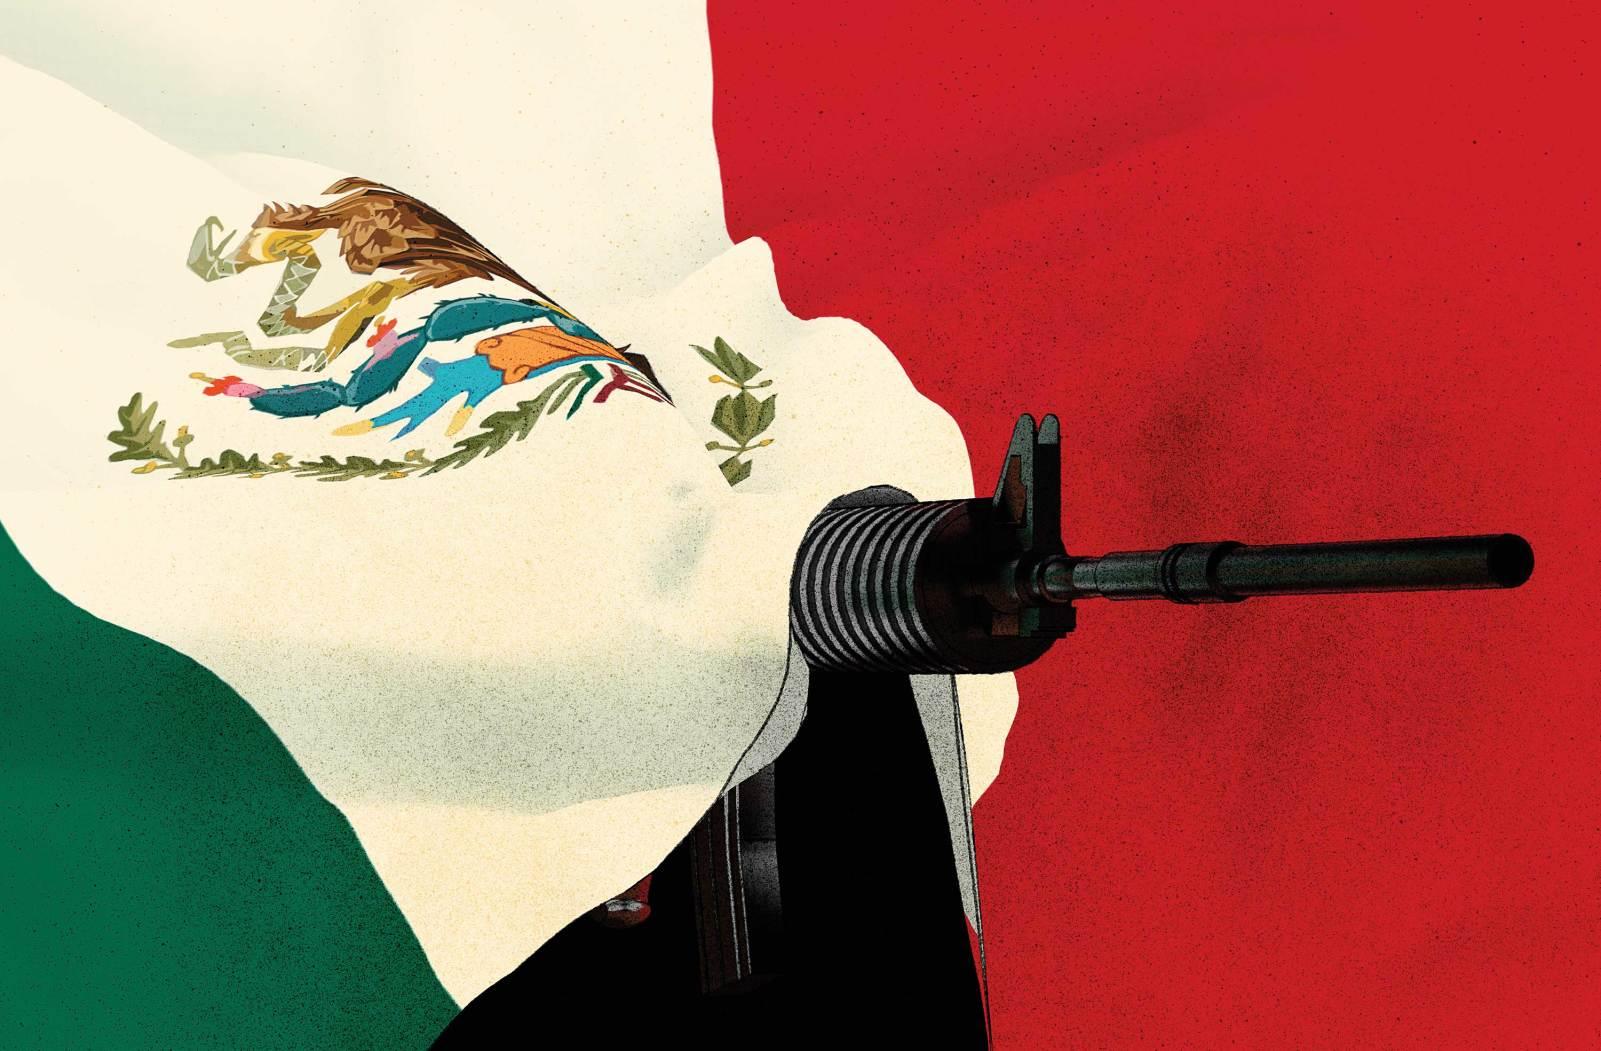 ayotzinapa_ilustracion_clay_rodery